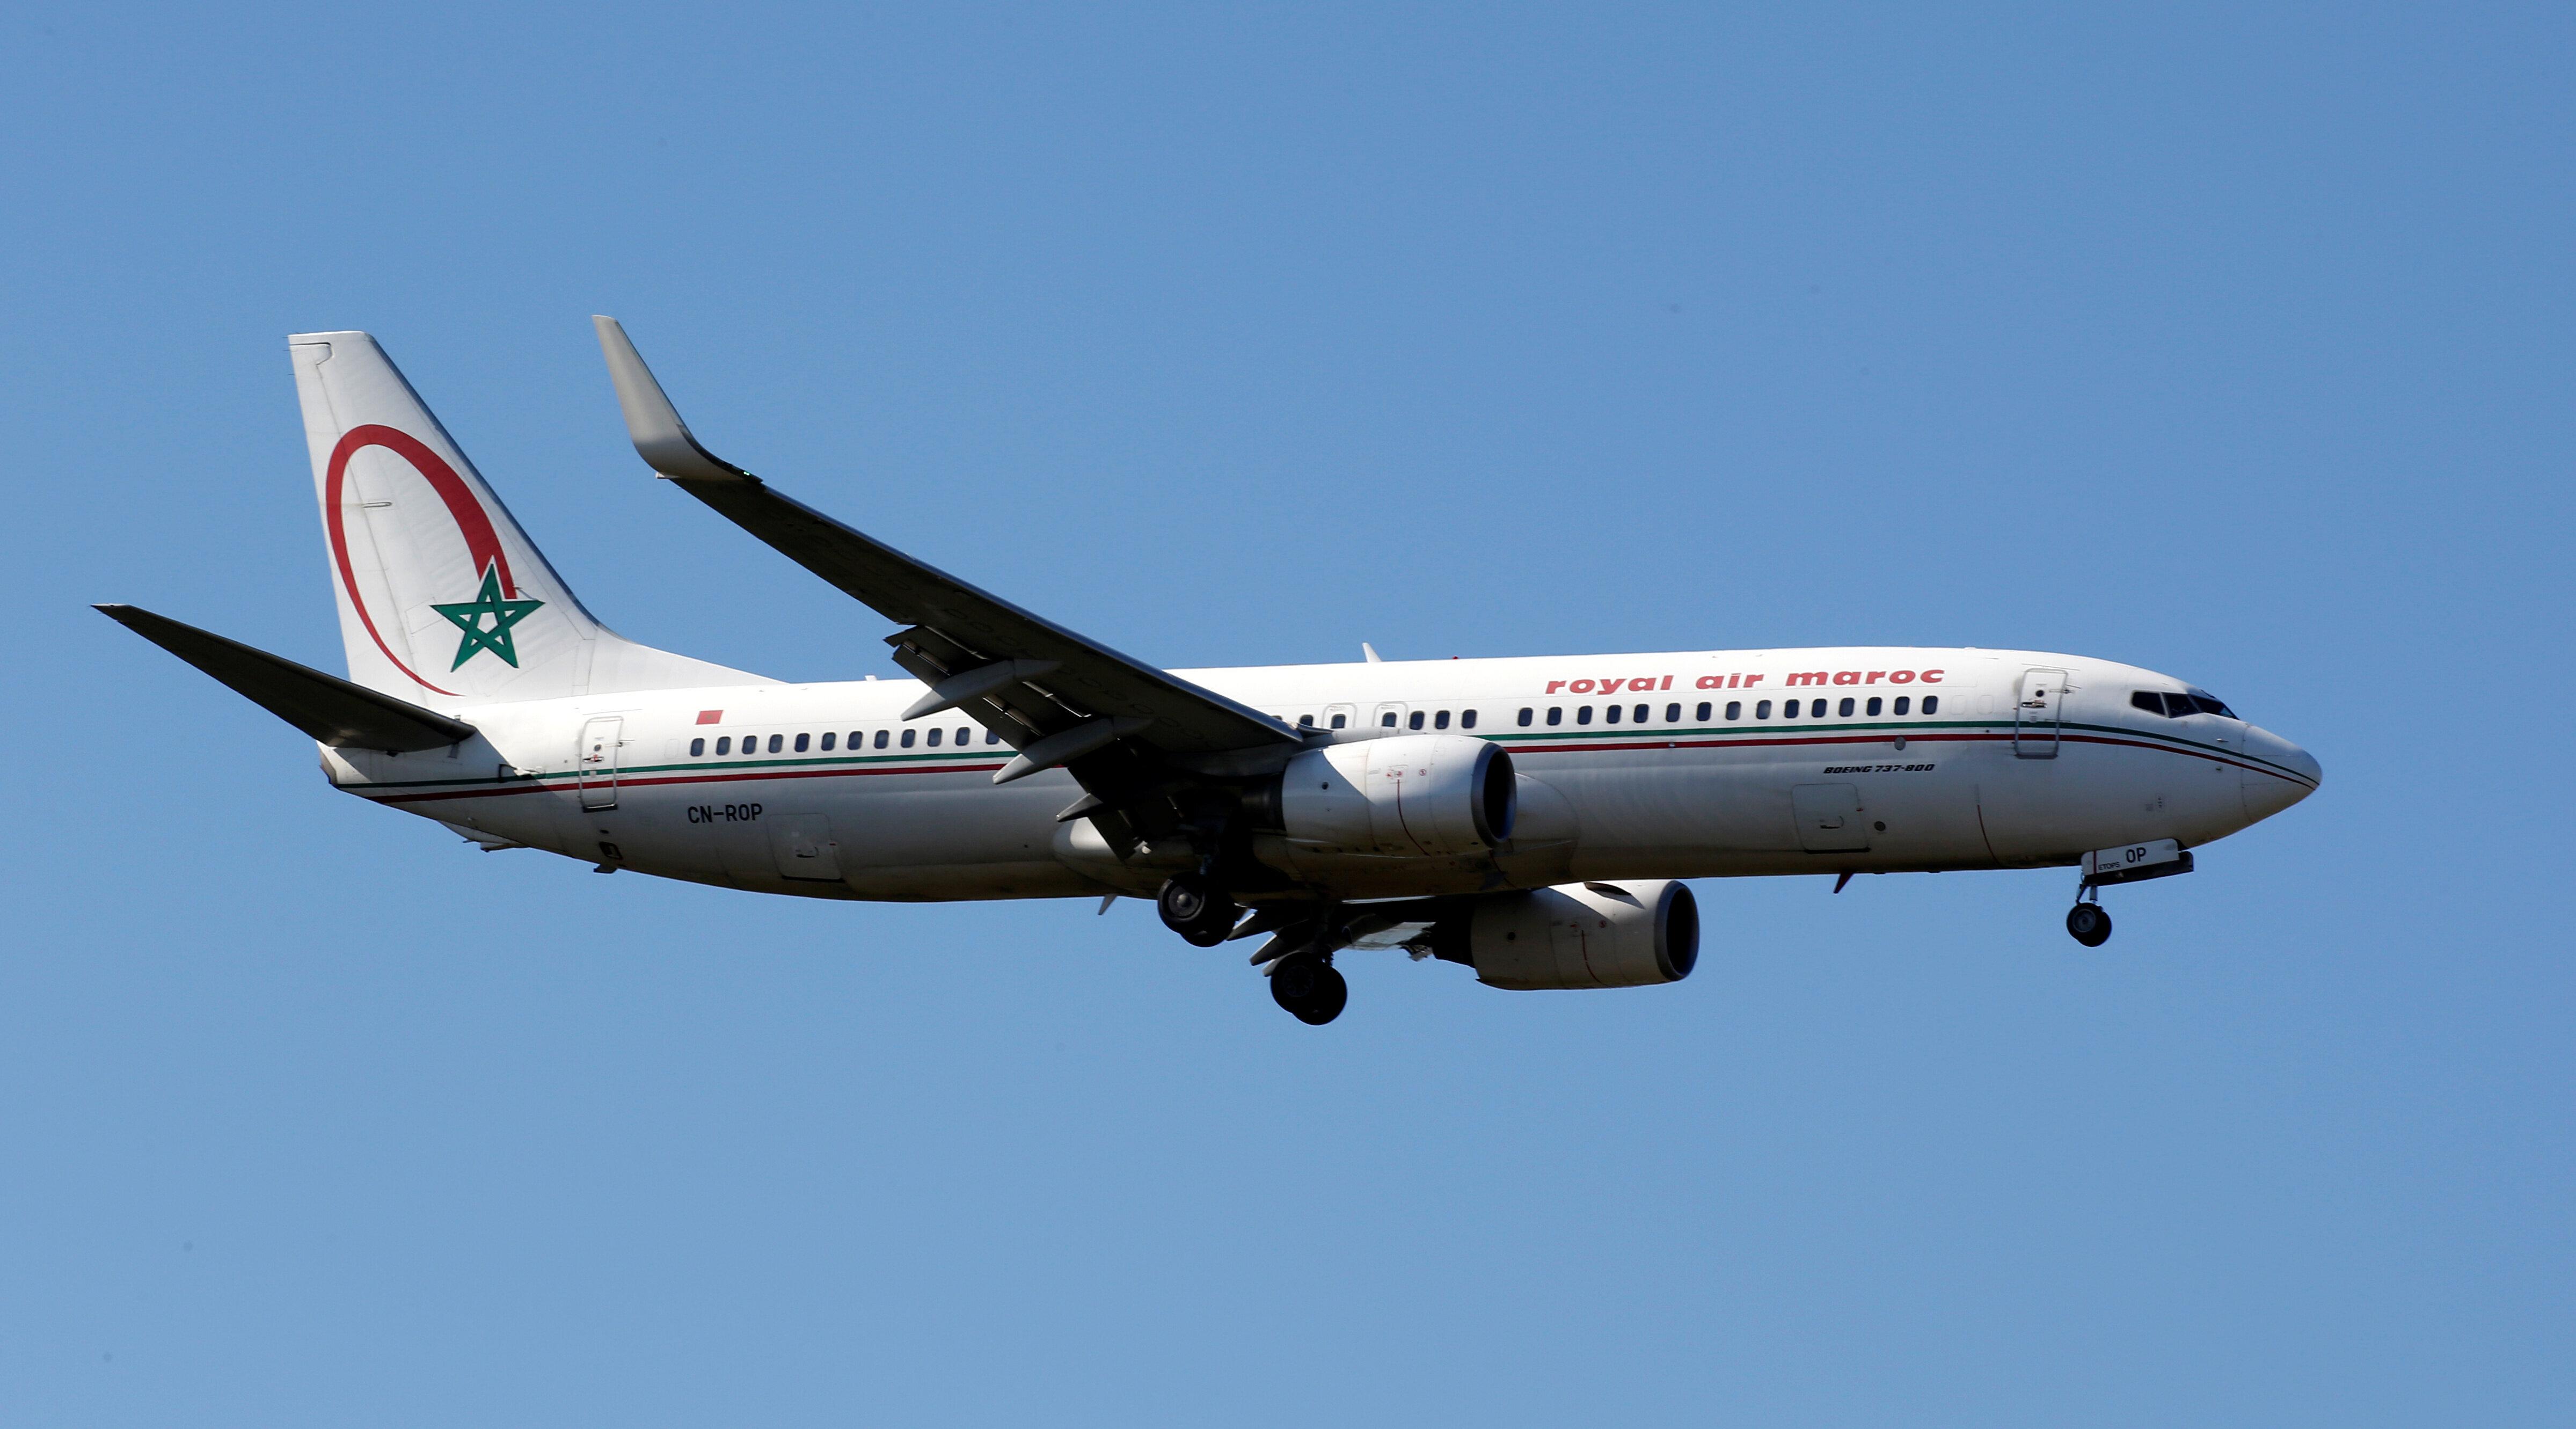 Grève de la fonction publique en France: Perturbations à prévoir sur les vols Royal Air